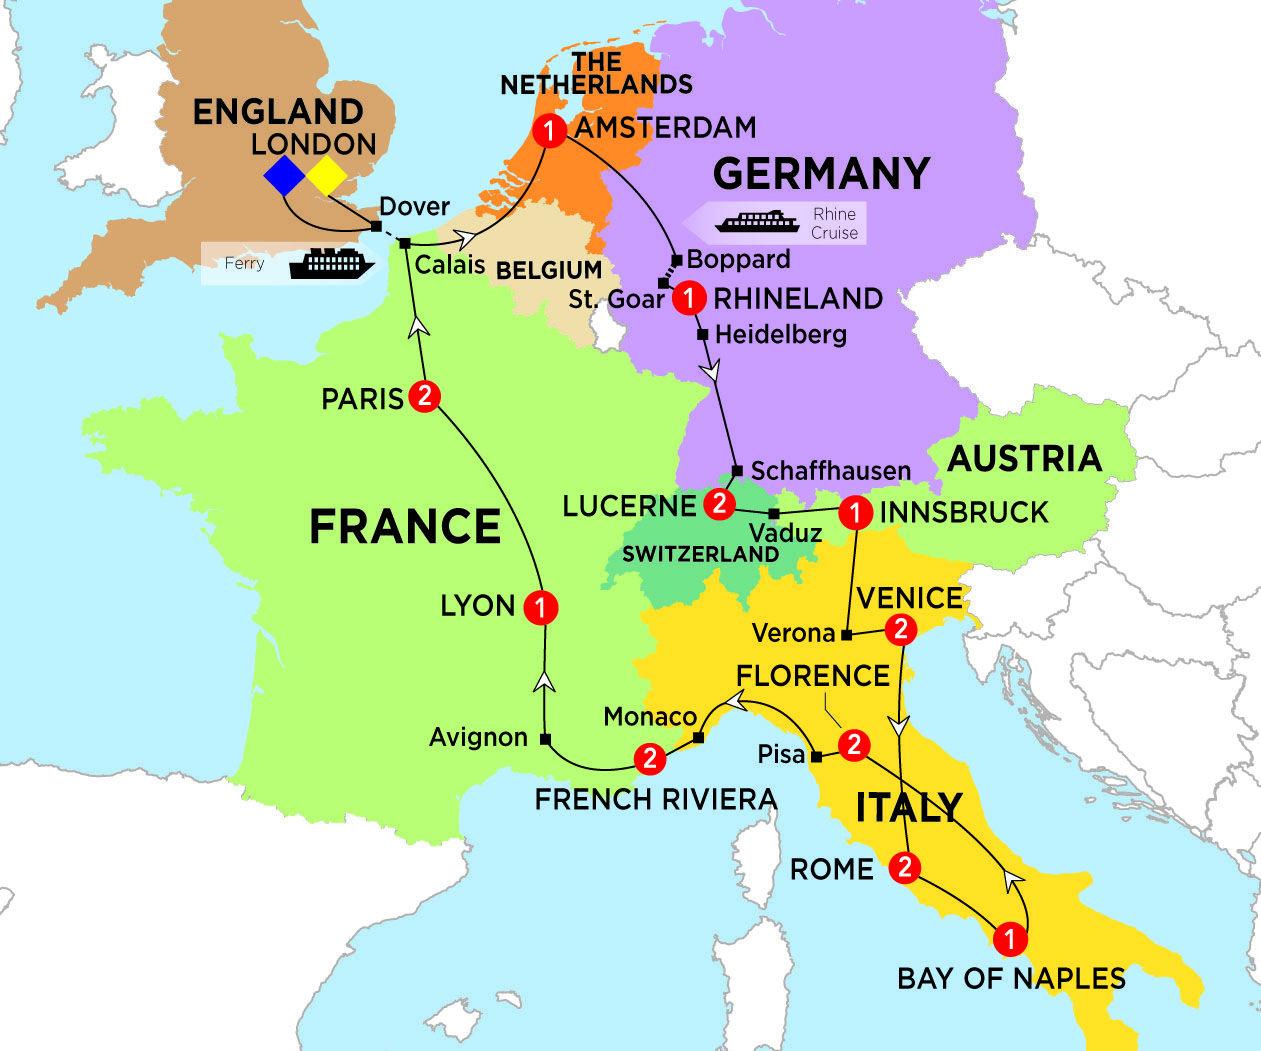 amsterdam on europe map Europe map | Rhineland, Europe map, Trafalgar